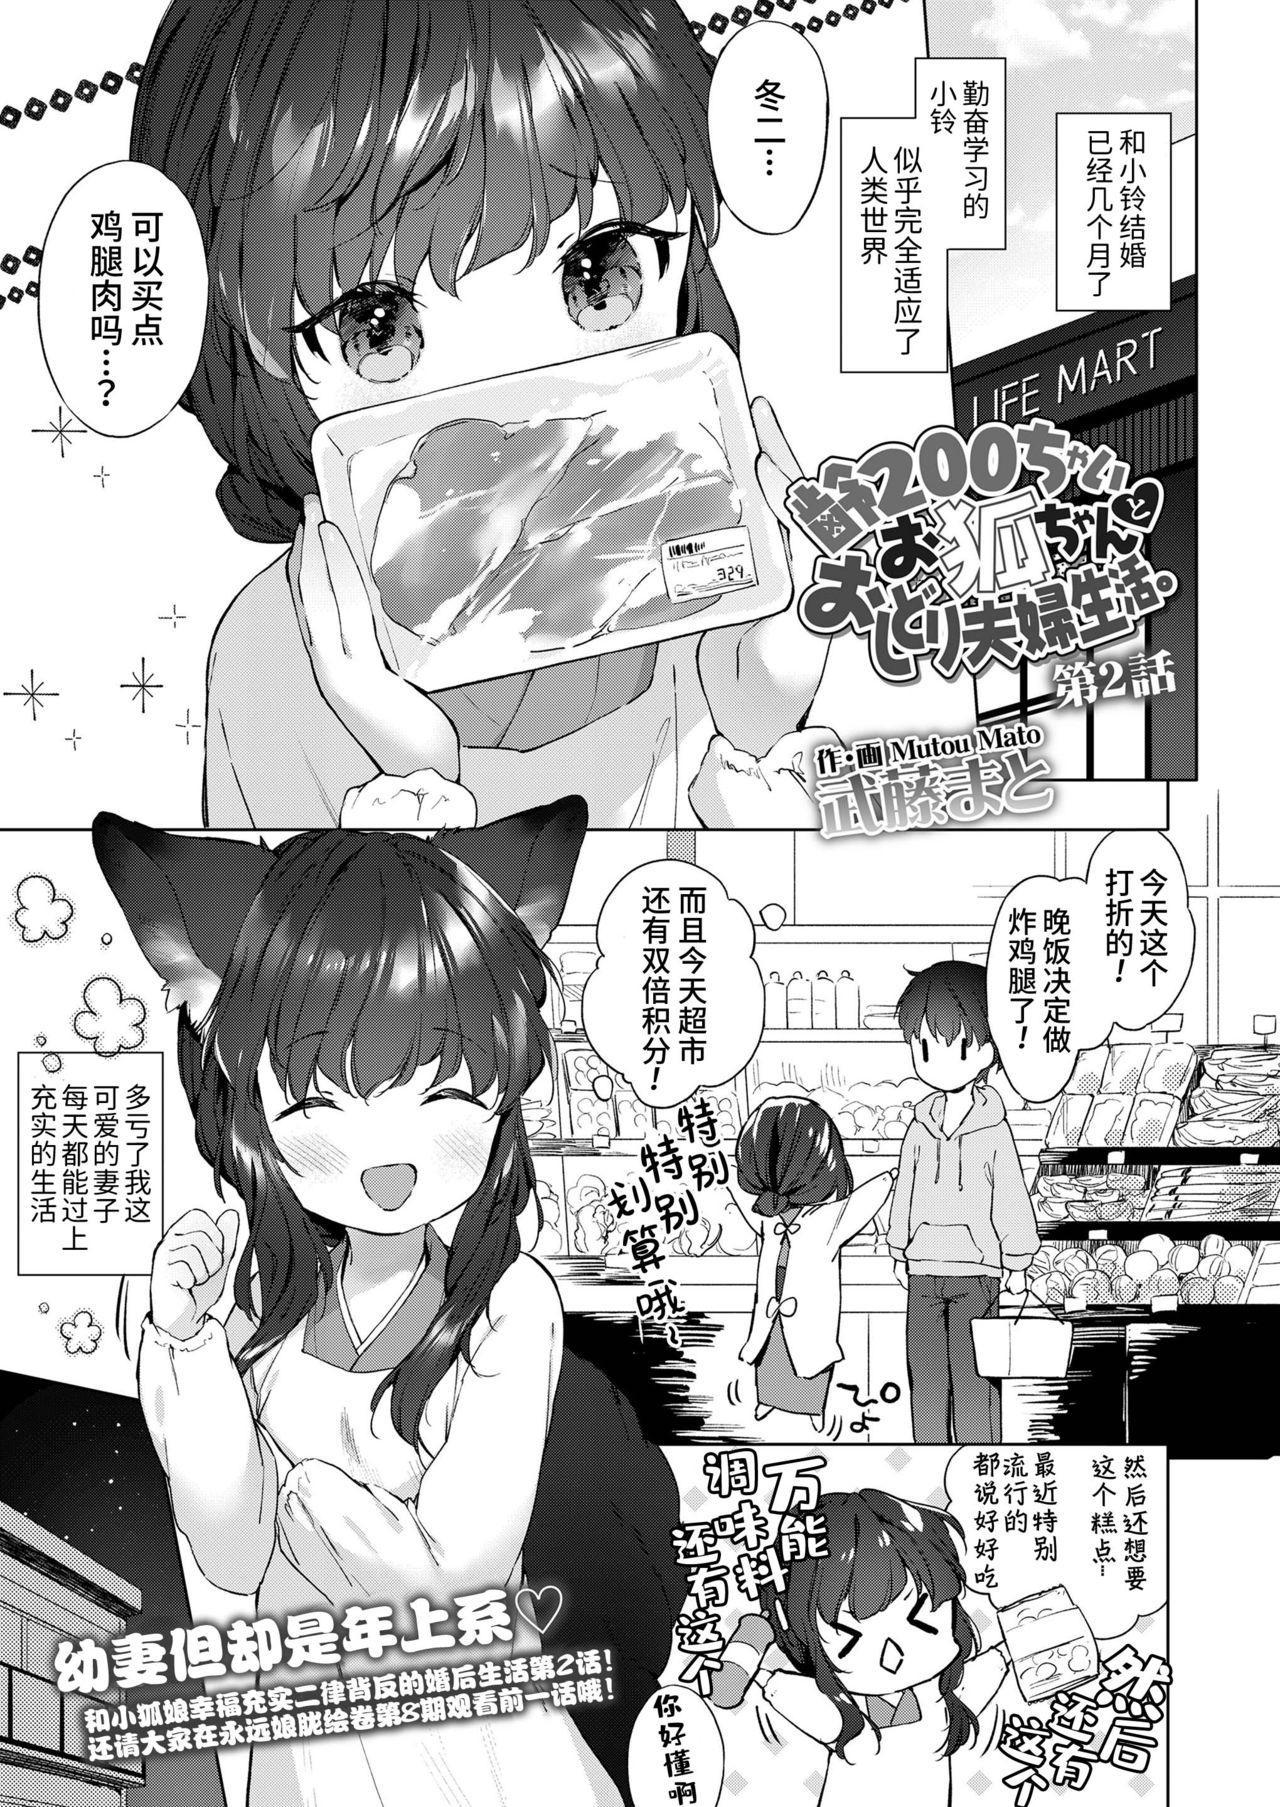 Yowai 200 Chai Okitsune-chan to Oshidori Fuufu Seikatsu. Ch. 2 | 和200岁小狐娘的鸳鸯夫妻生活 第二话 0